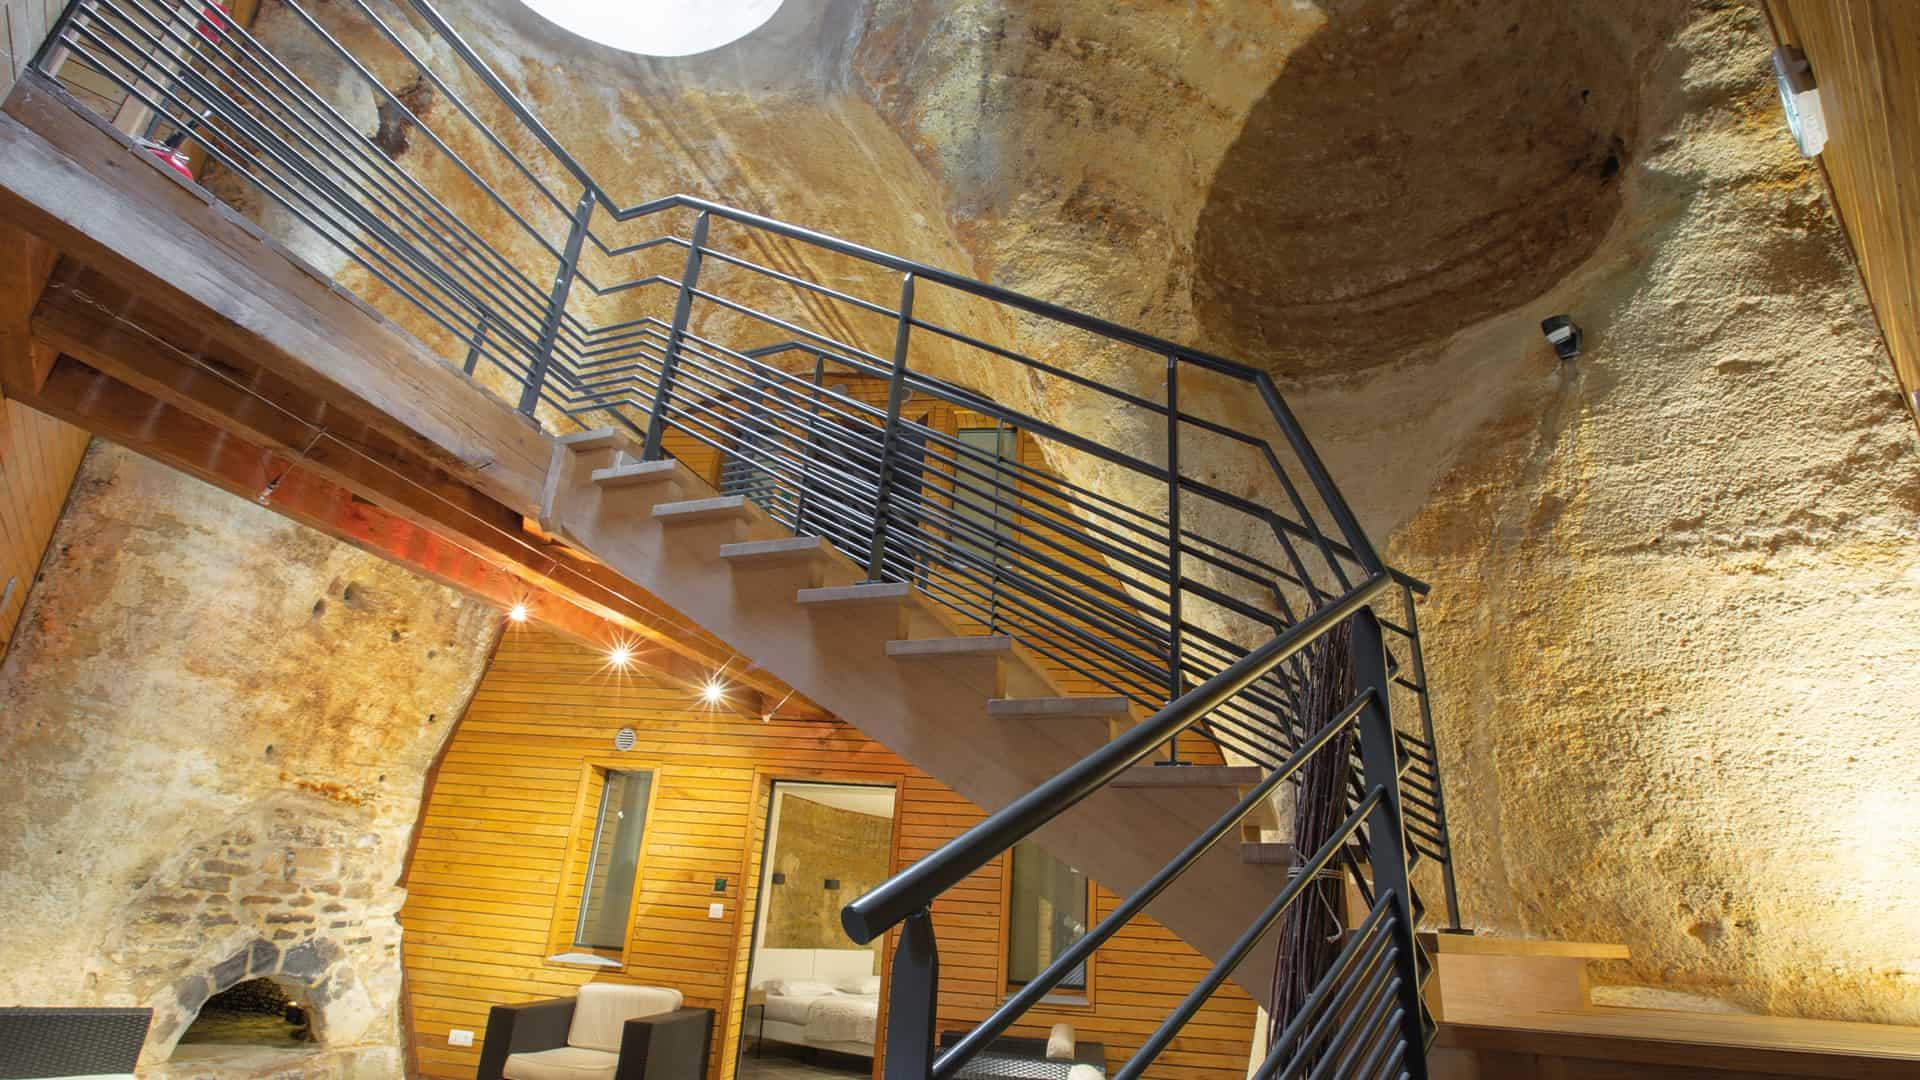 Digital detox business seminar in the Loire Valley underground